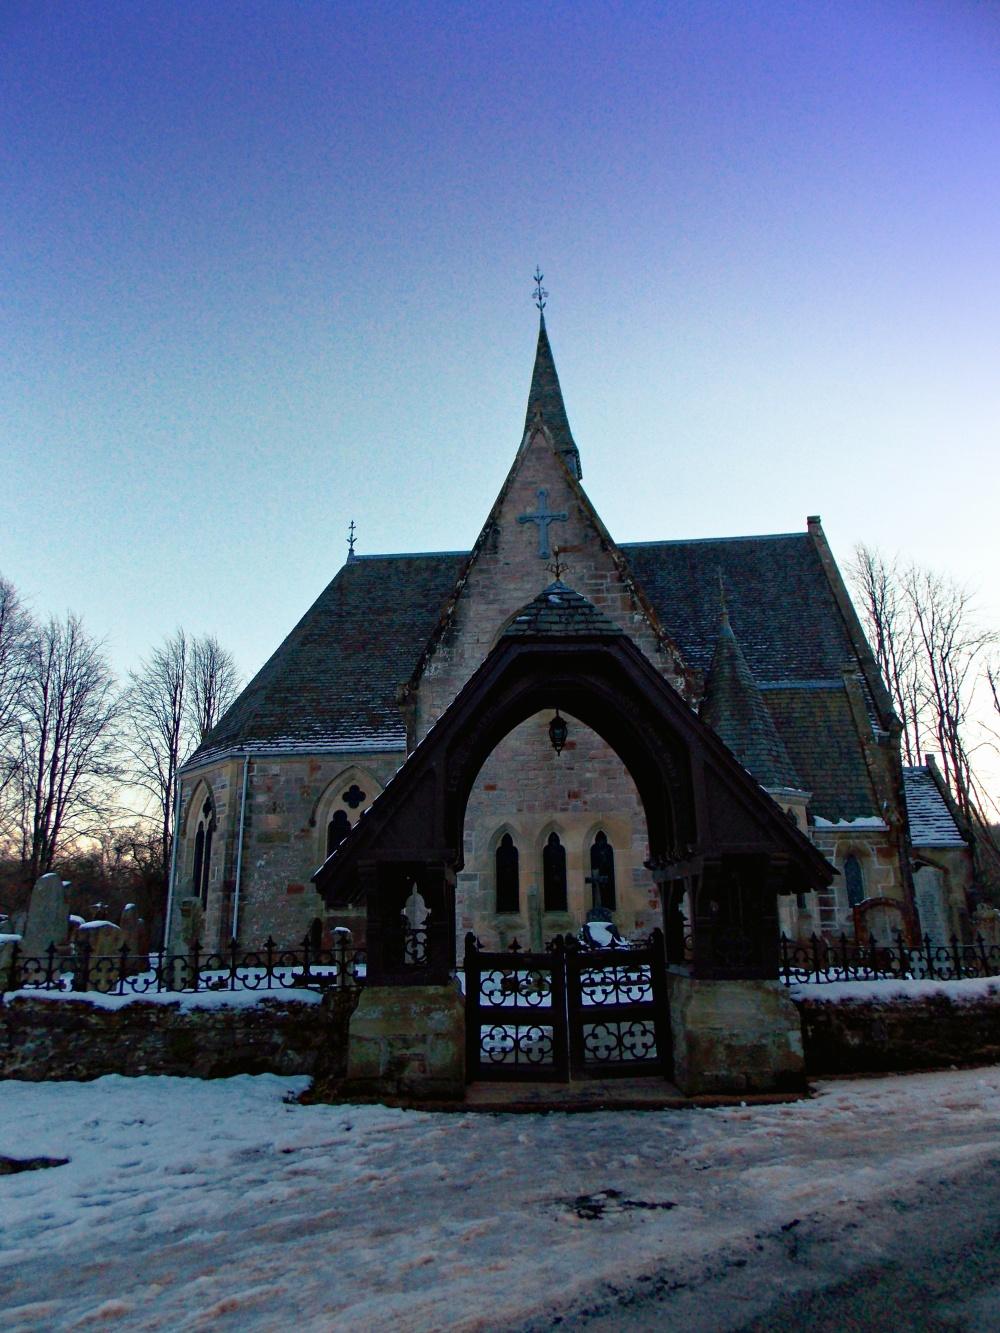 St. Kessog's Church